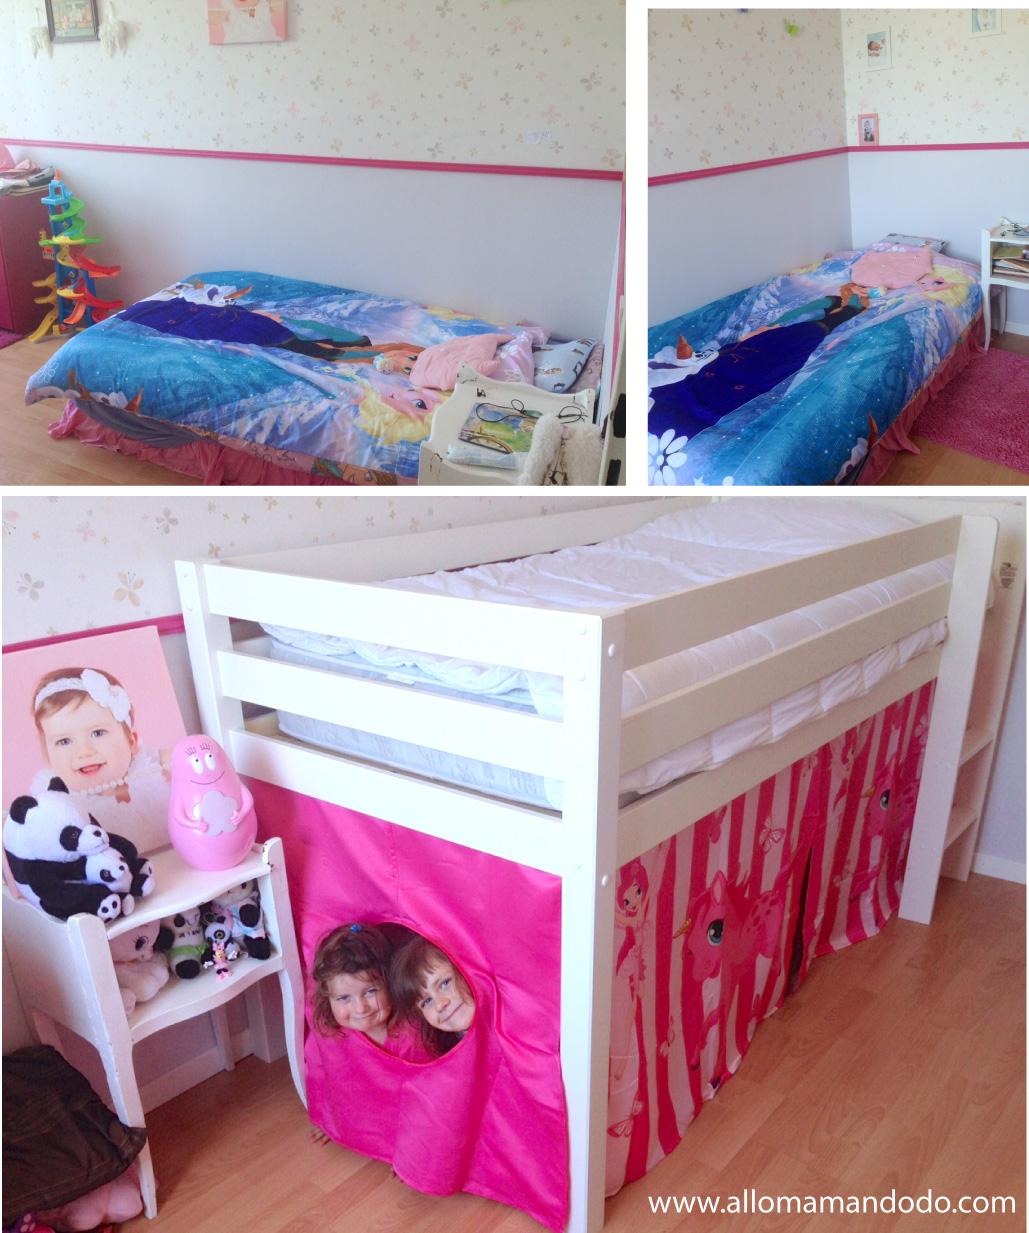 le lit mi hauteur de ptitepomme photos avant apr s bonne id e allo maman dodo. Black Bedroom Furniture Sets. Home Design Ideas